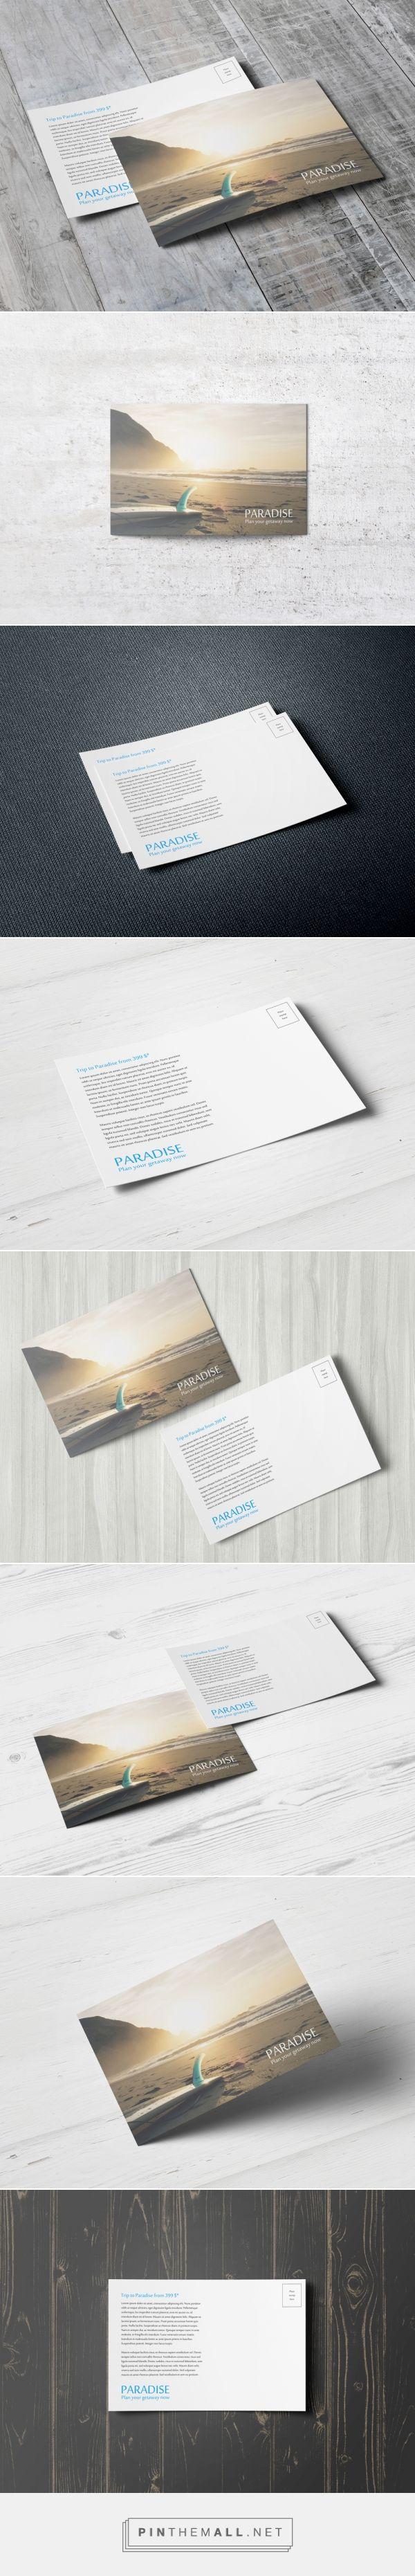 Postcard / Invitation MockUp [A6] (с изображениями)